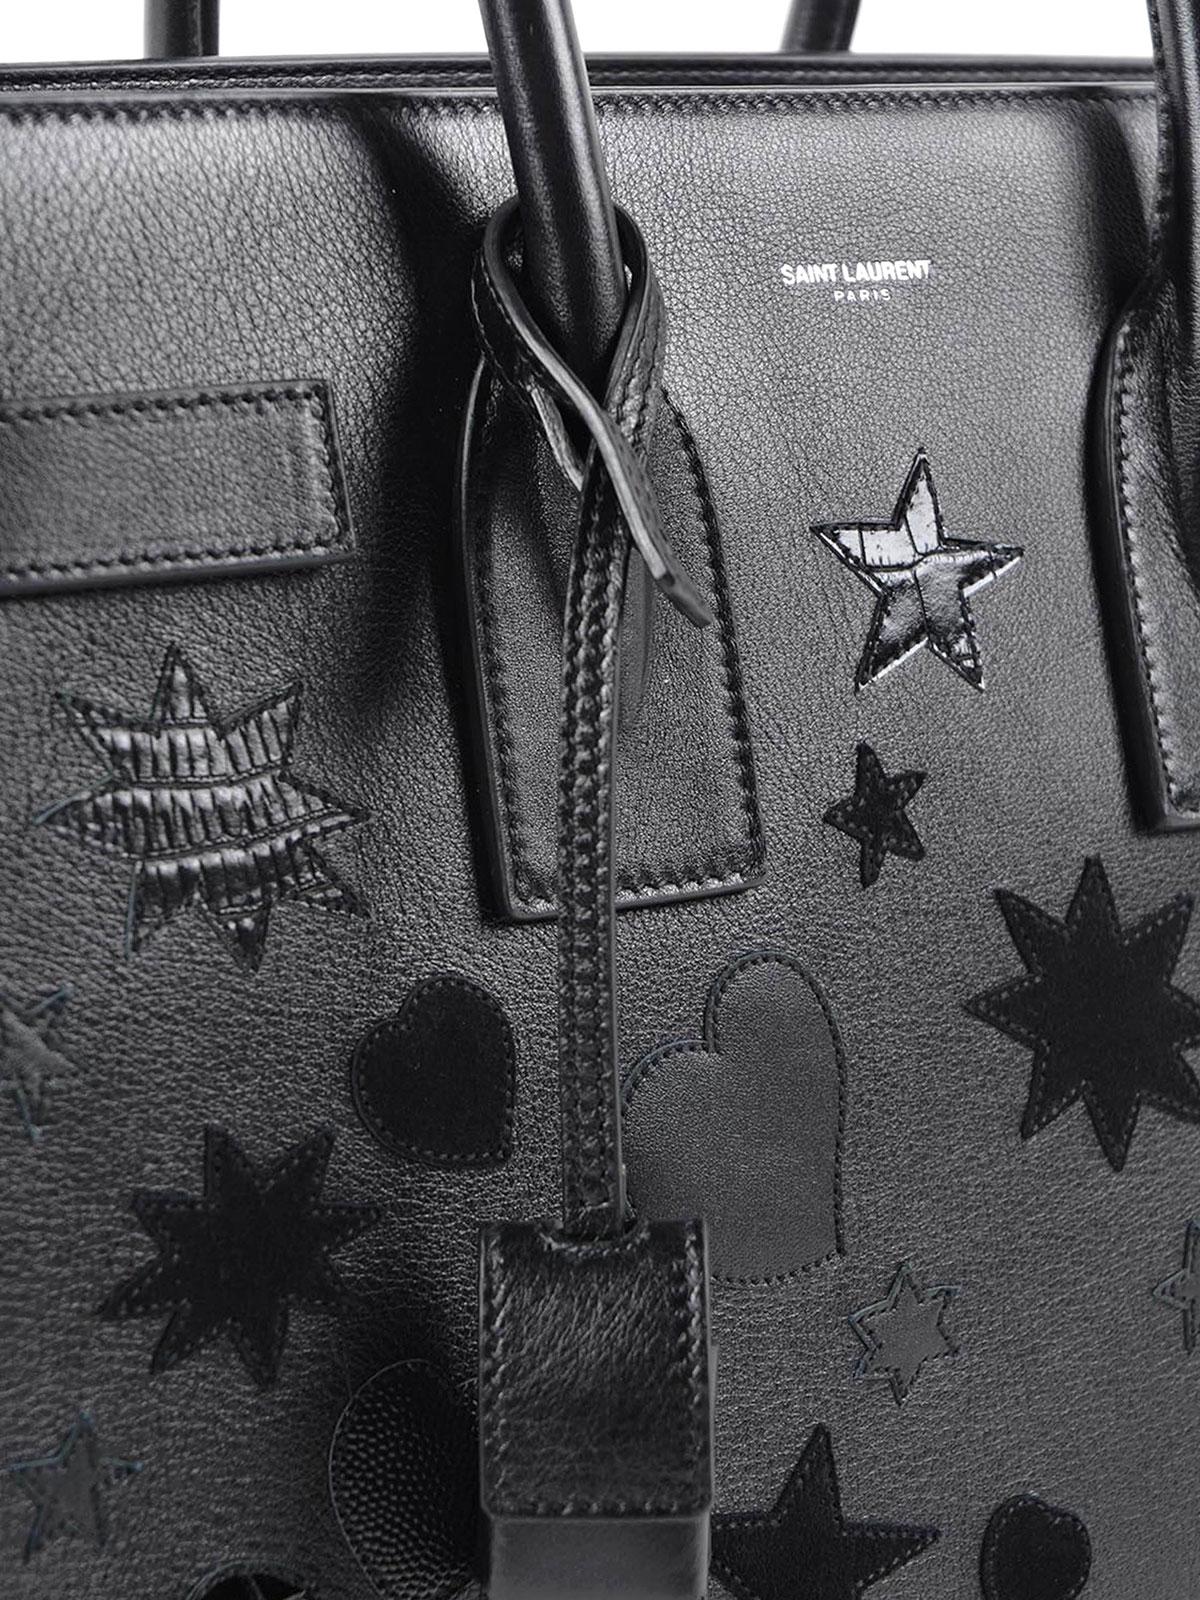 ffbf6d4d548f Saint Laurent - Multi-patch Sac de Jour baby bag - totes bags ...